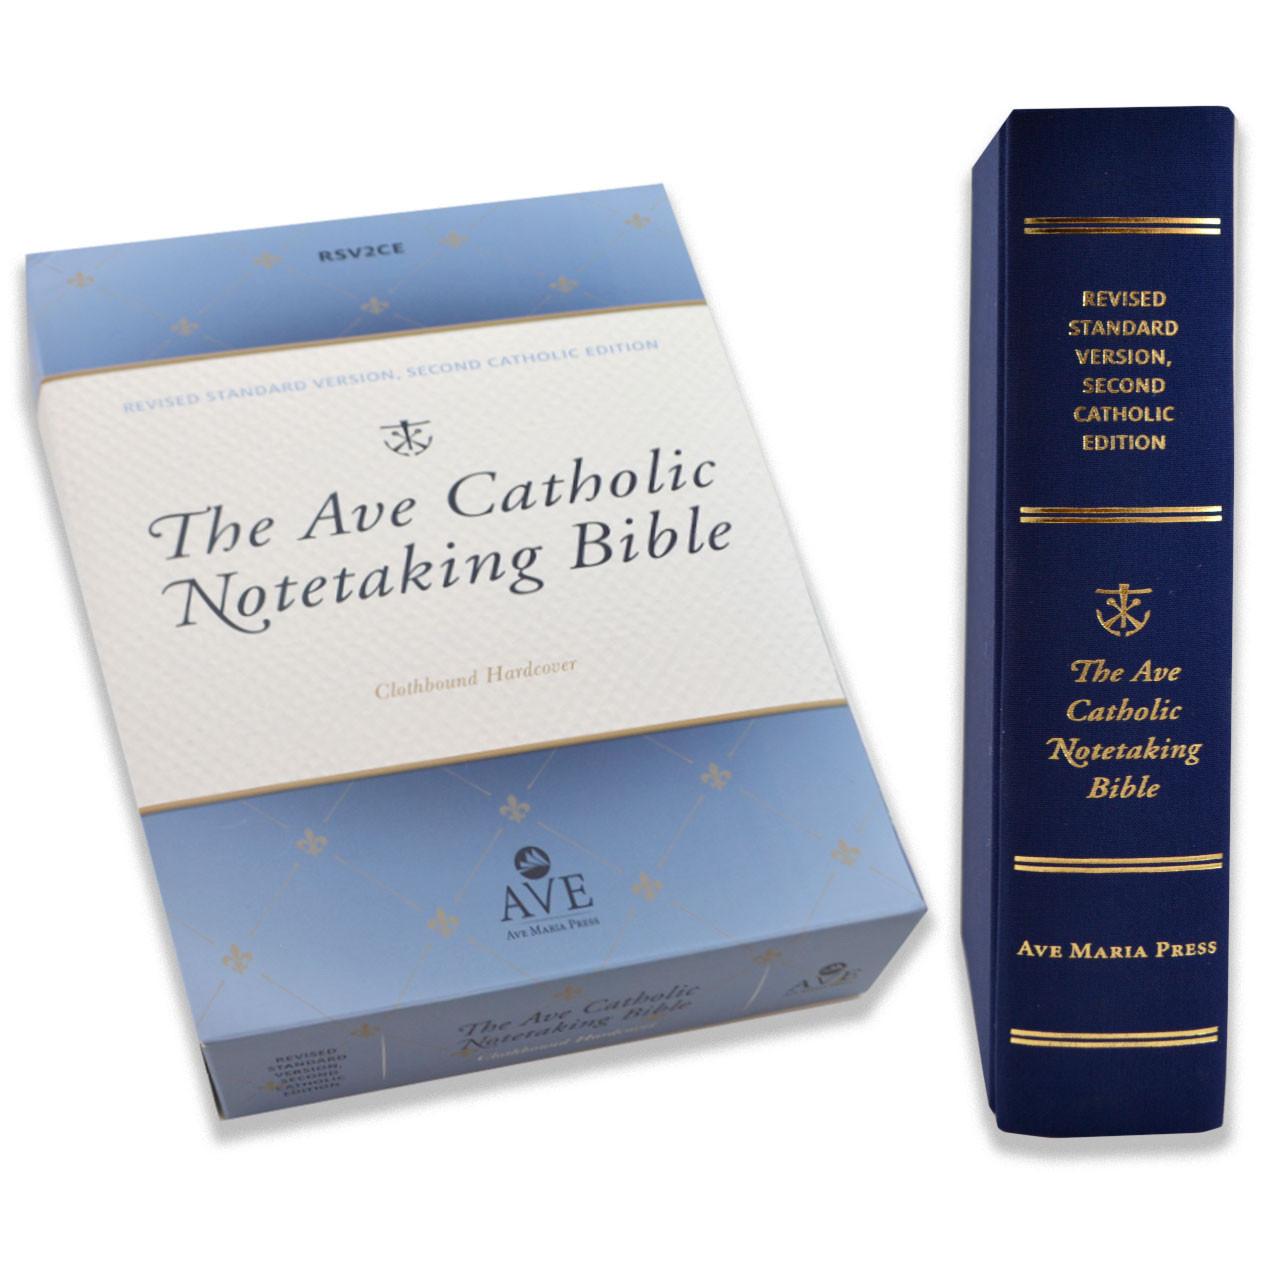 The Ave Catholic Notetaking Bible